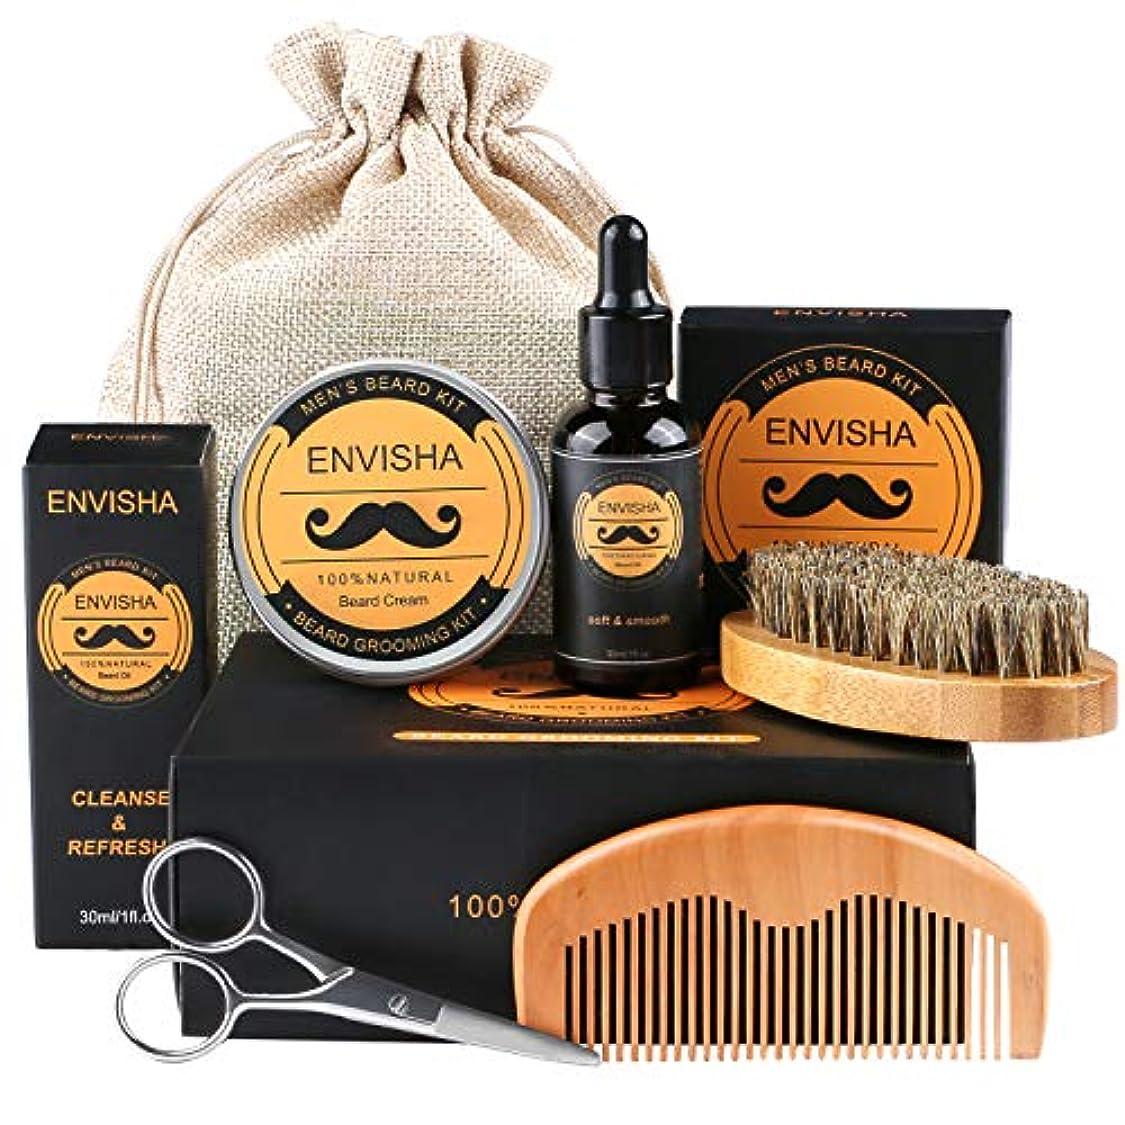 目的彼のヒューマニスティックBeard Kit、Fixget Beard Care Kit(無料のひげの手入れとトリミングキット付き)100%のイノシシのひげのブラシ、木のひげの櫛、ひげ、男性のための口ひげのはさみお父さん夫